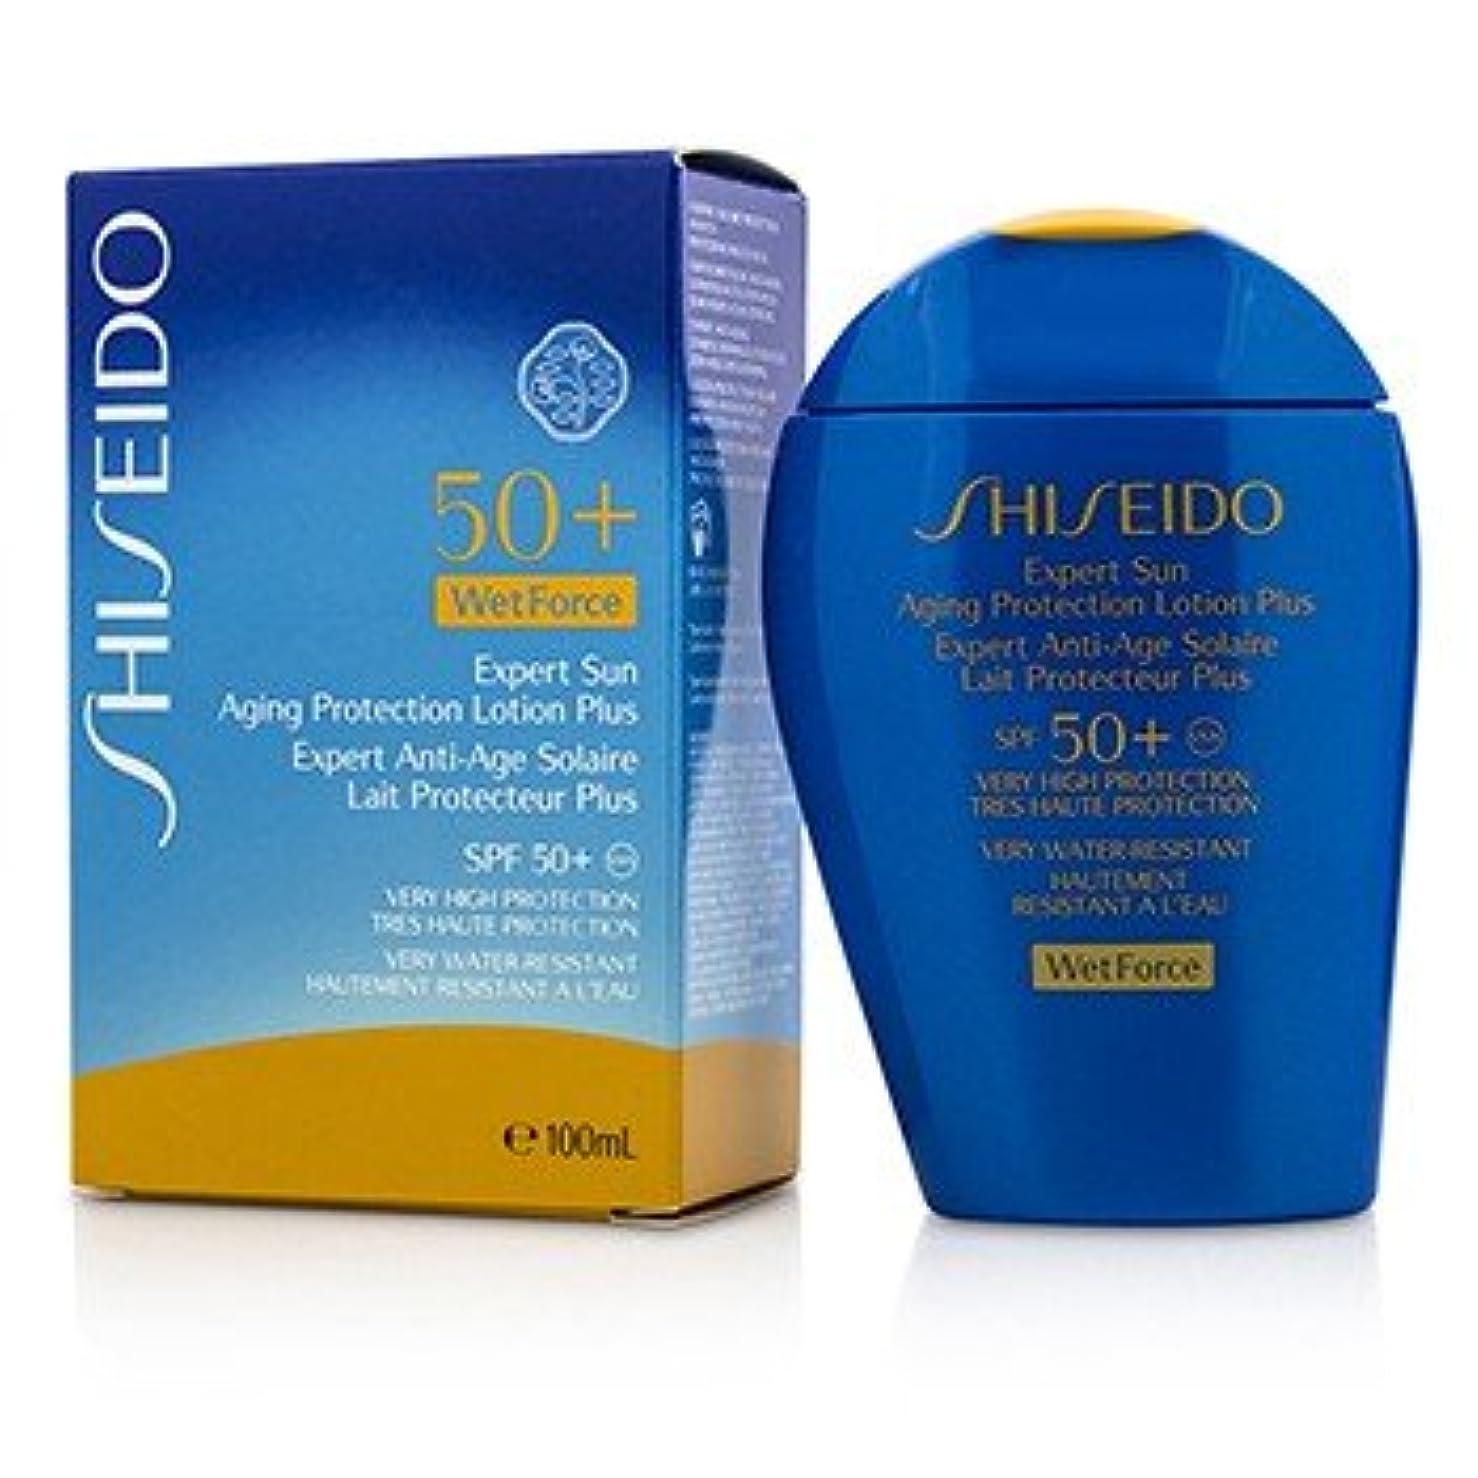 成功した汚染自治的[Shiseido] Expert Sun Aging Protection Lotion Plus WetForce For Face & Body SPF 50+ 100ml/3.4oz